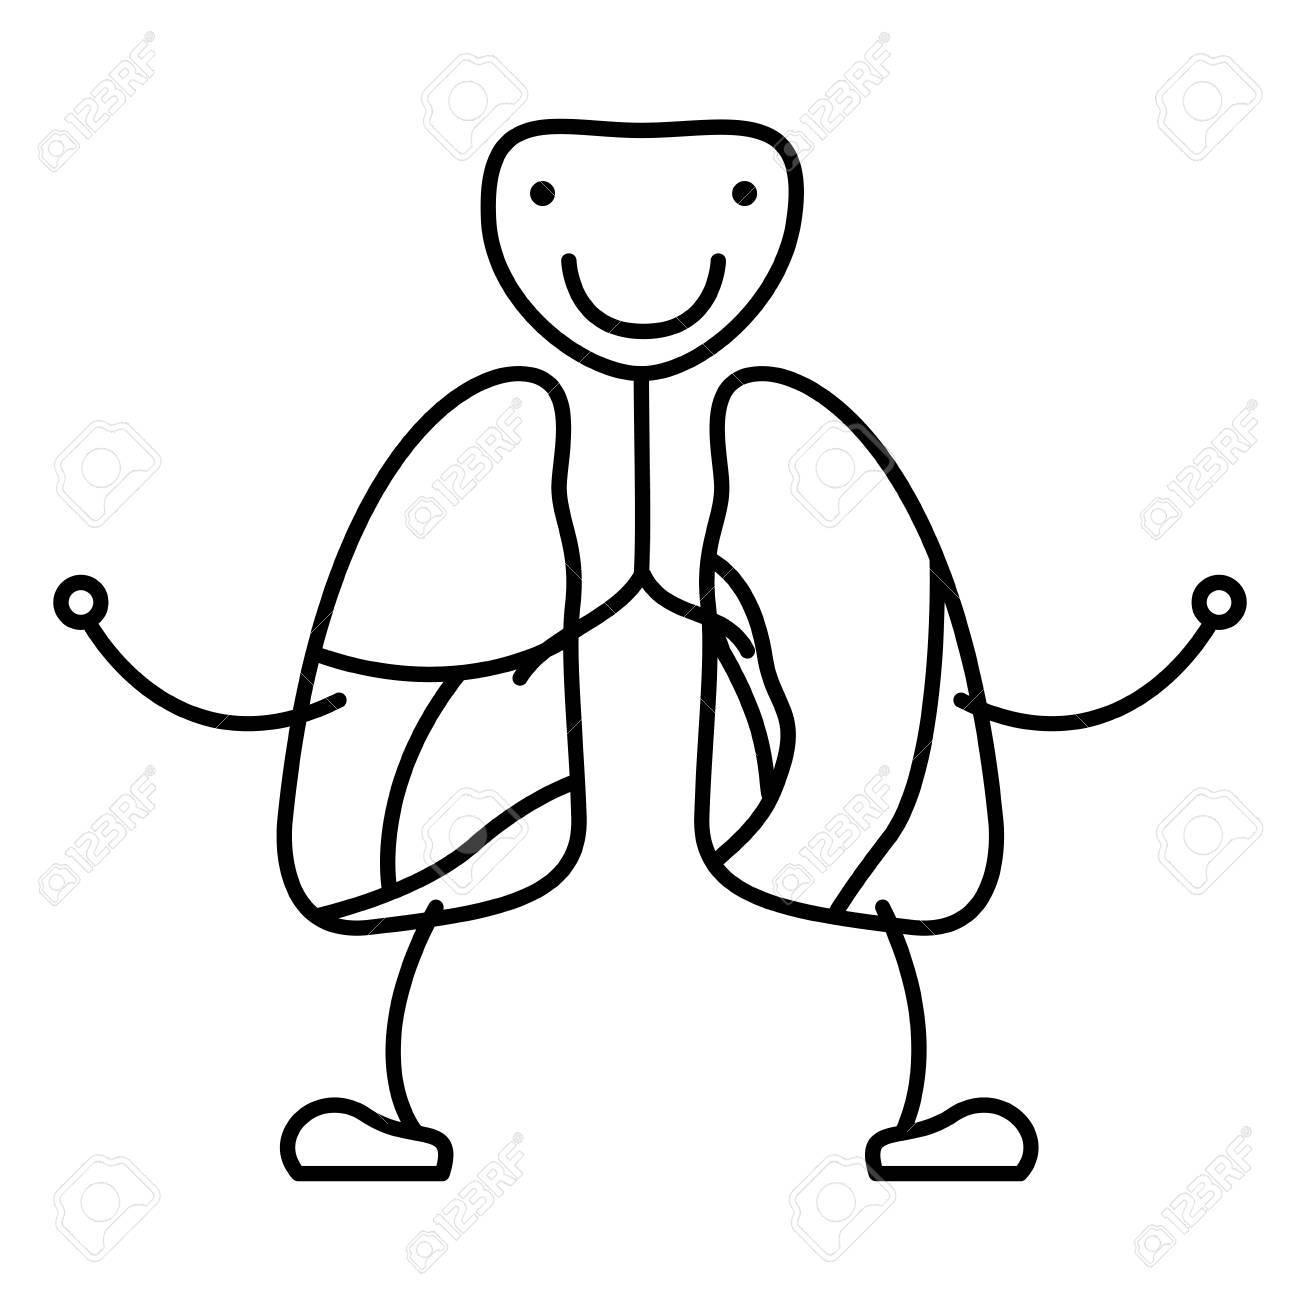 Dibujo A Mano Contorno Caricatura Sistema Respiratorio Con ...